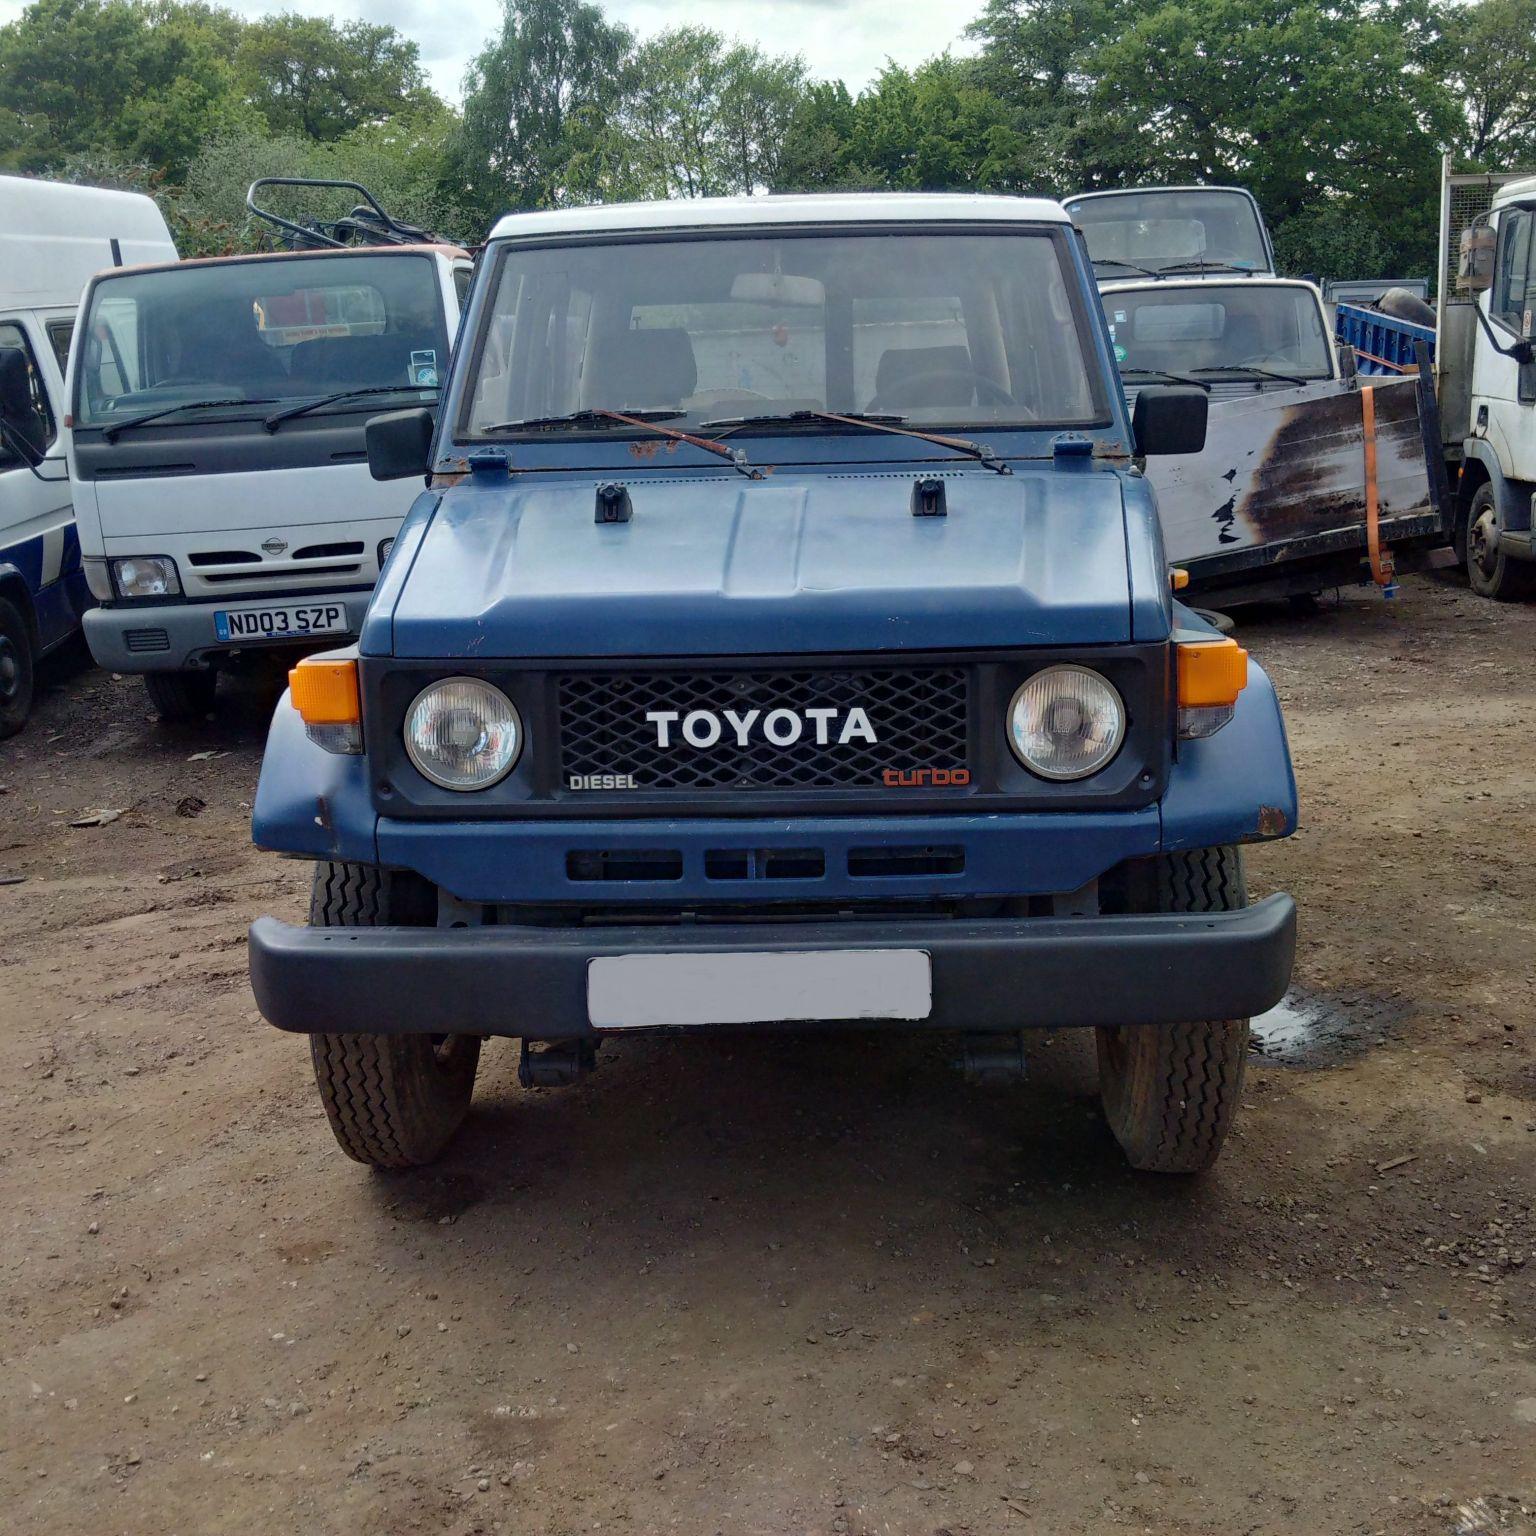 Left hand drive Toyota Landcruiser Turbo BJ73 4X4.